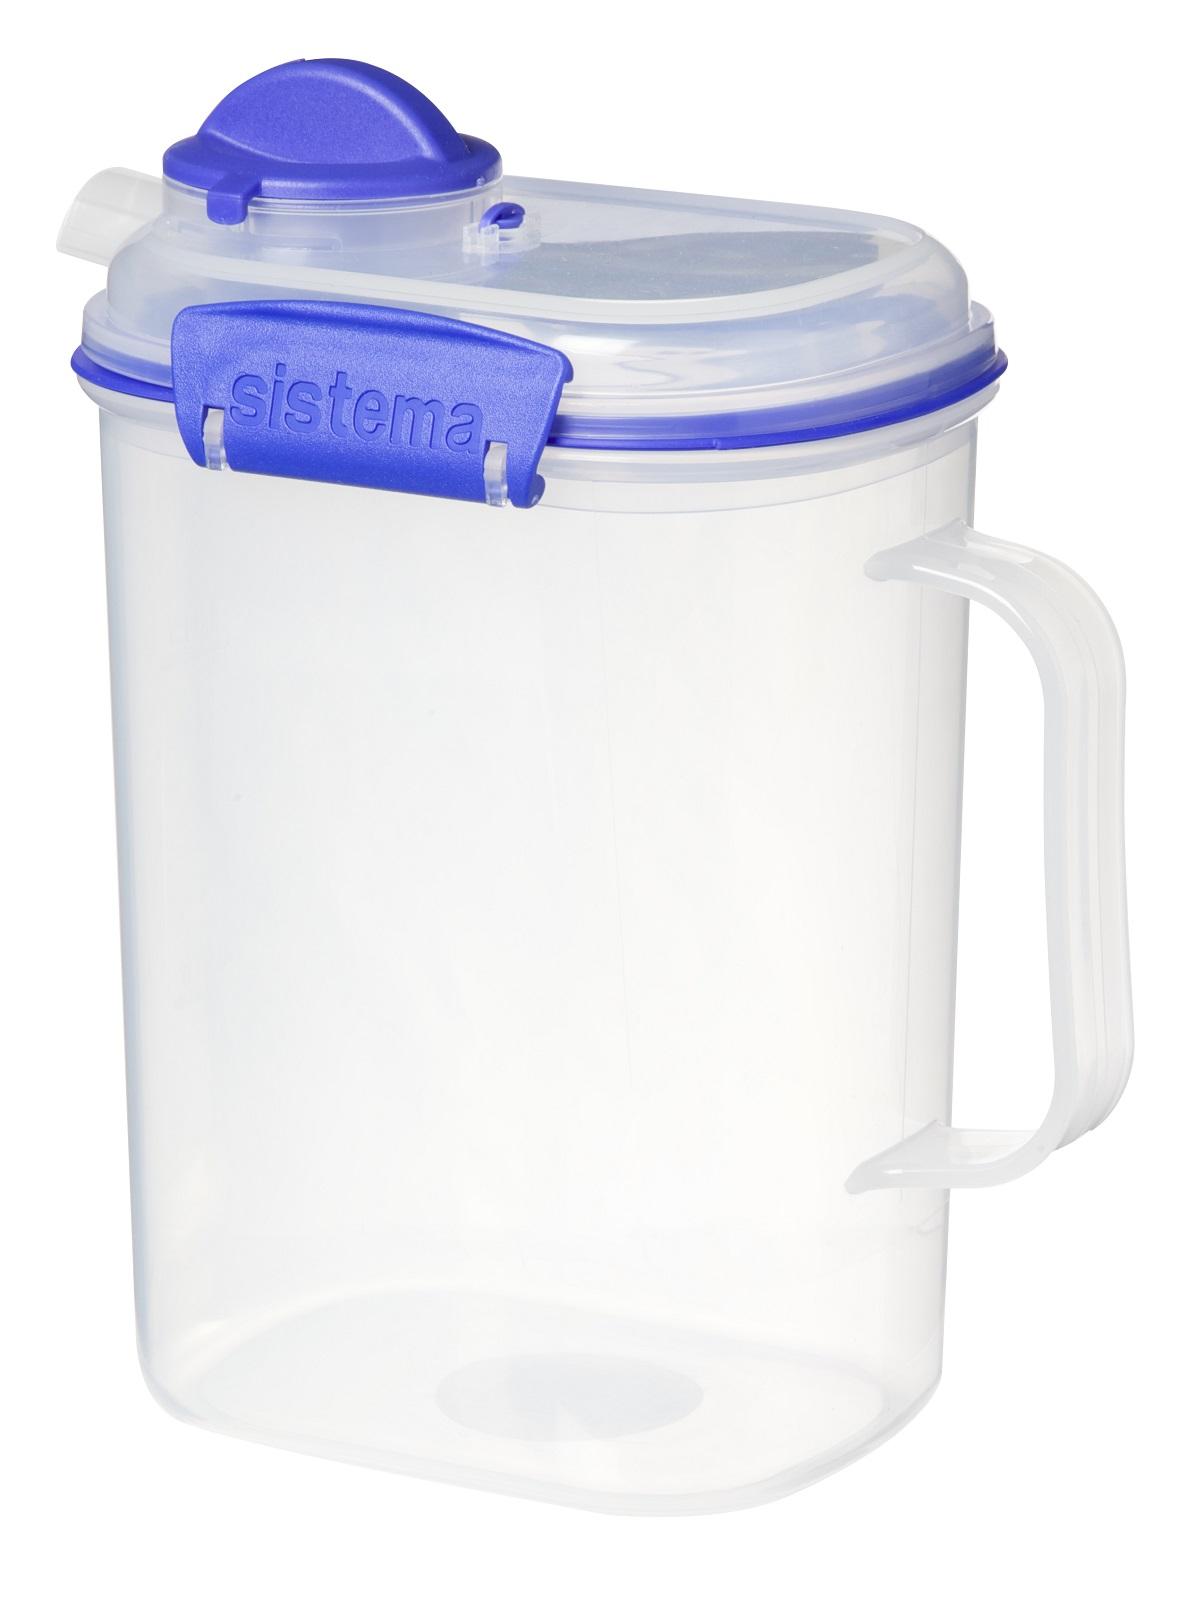 Онлайн каталог PROMENU: Кувшин пластиковый Sistema KLIP IT, объем 1,5 л, прозрачный с голубым Sistema 1415